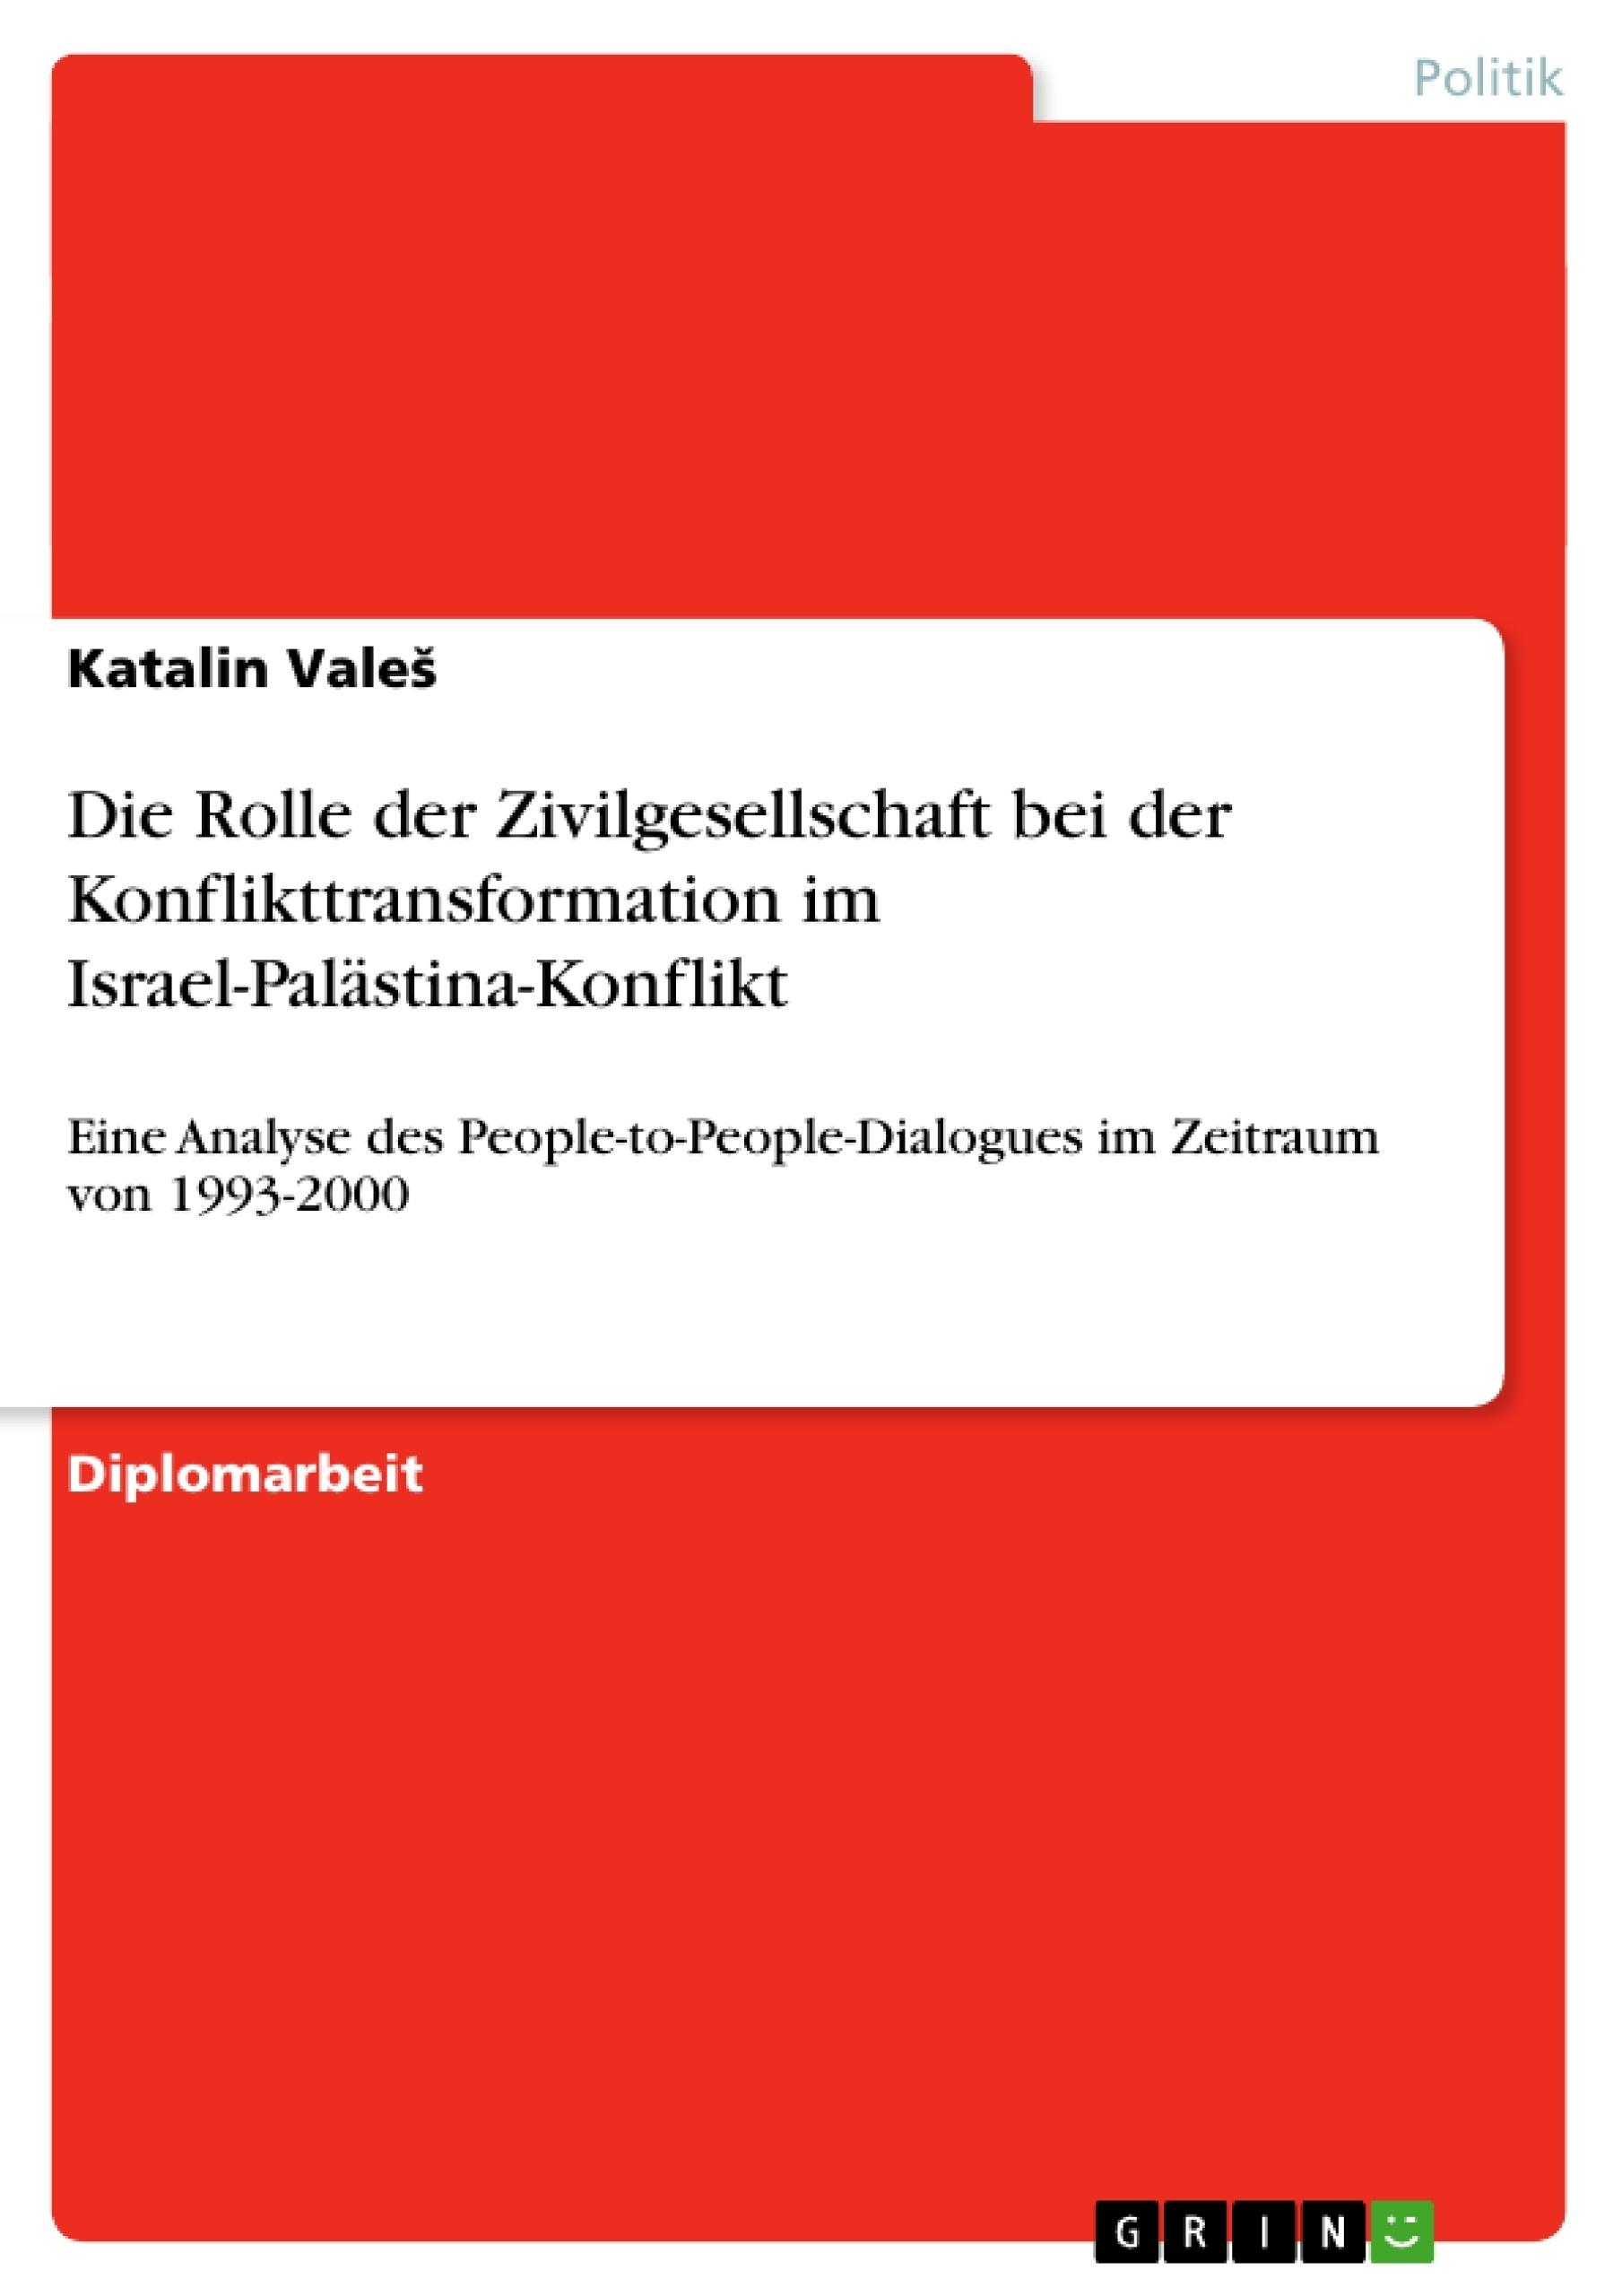 Titel: Die Rolle der Zivilgesellschaft bei der Konflikttransformation im Israel-Palästina-Konflikt